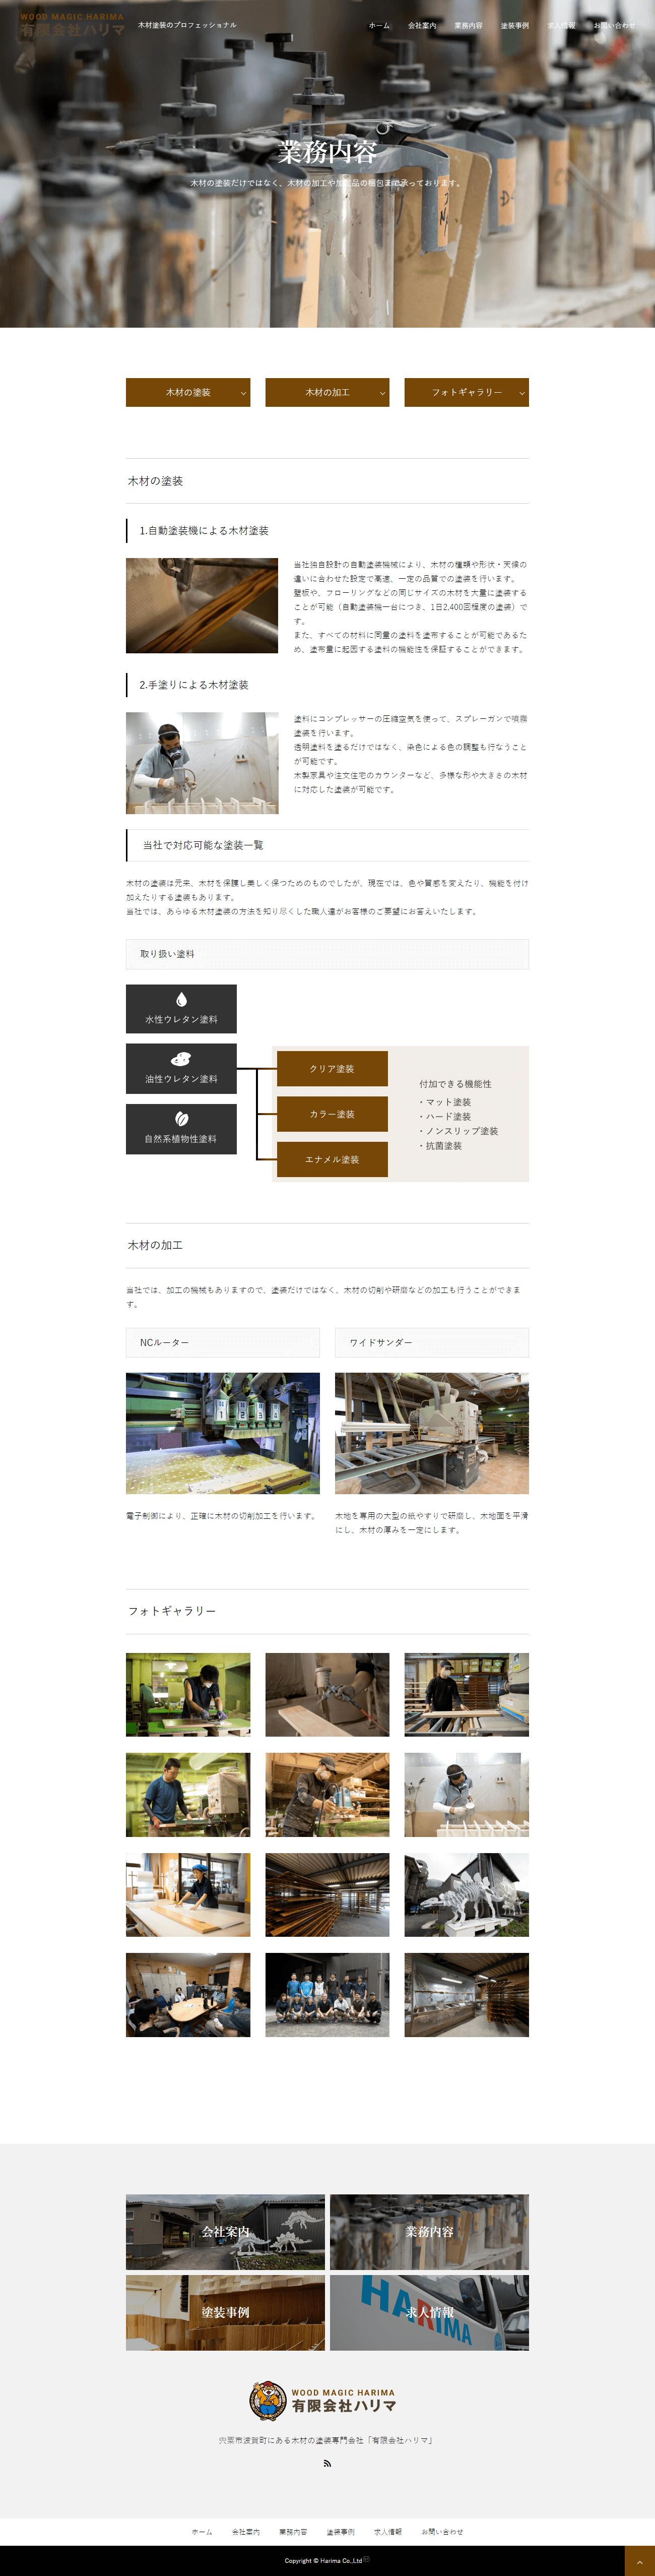 宍粟市 有限会社ハリマ ホームページ制作2